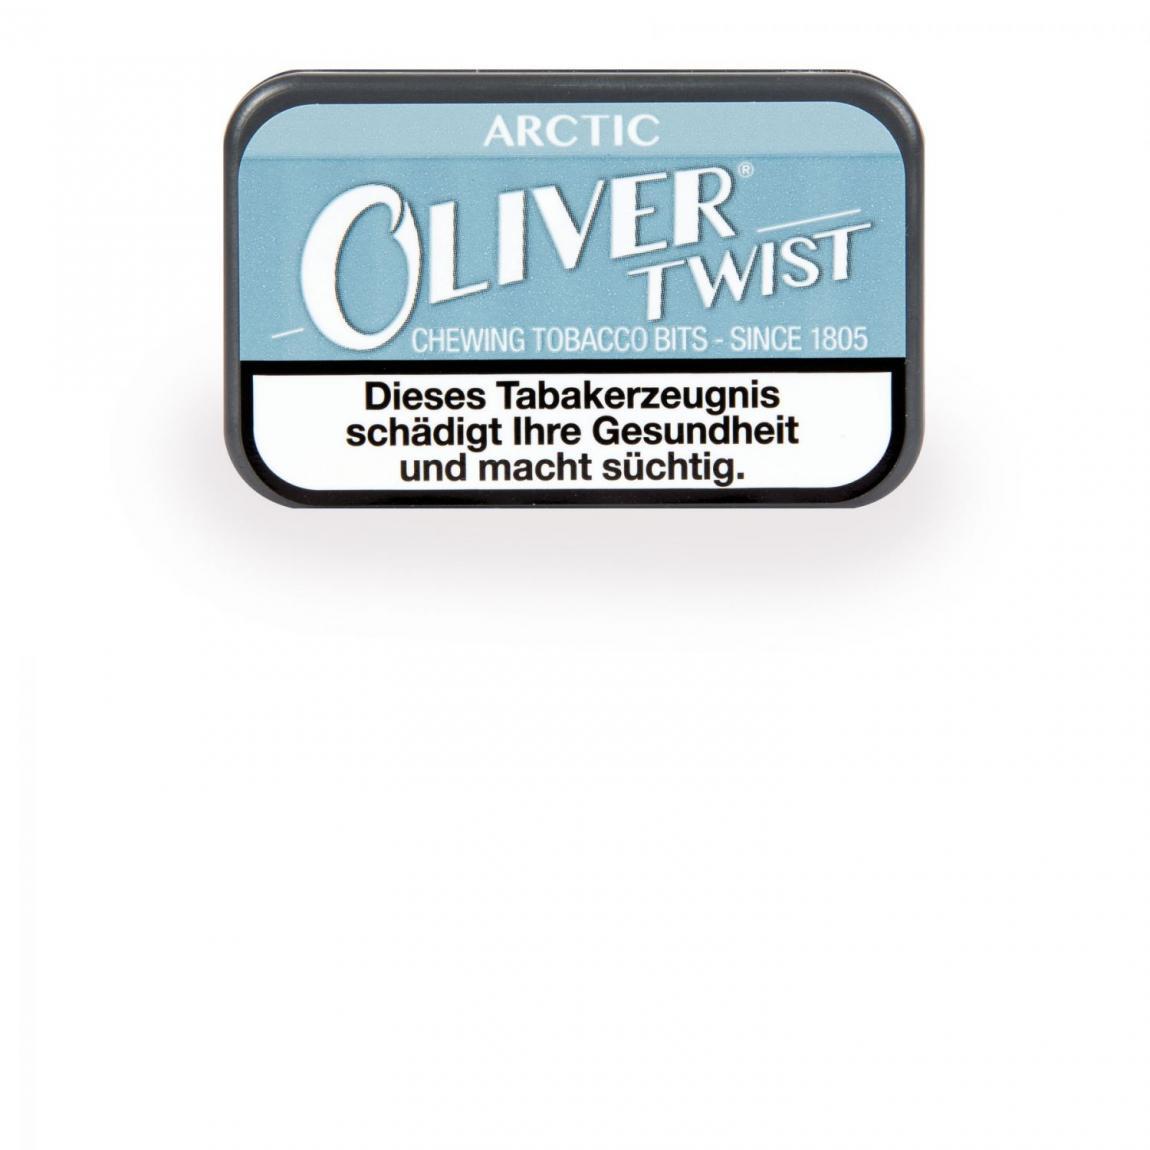 Oliver Twist »Arctic« 7g Dose